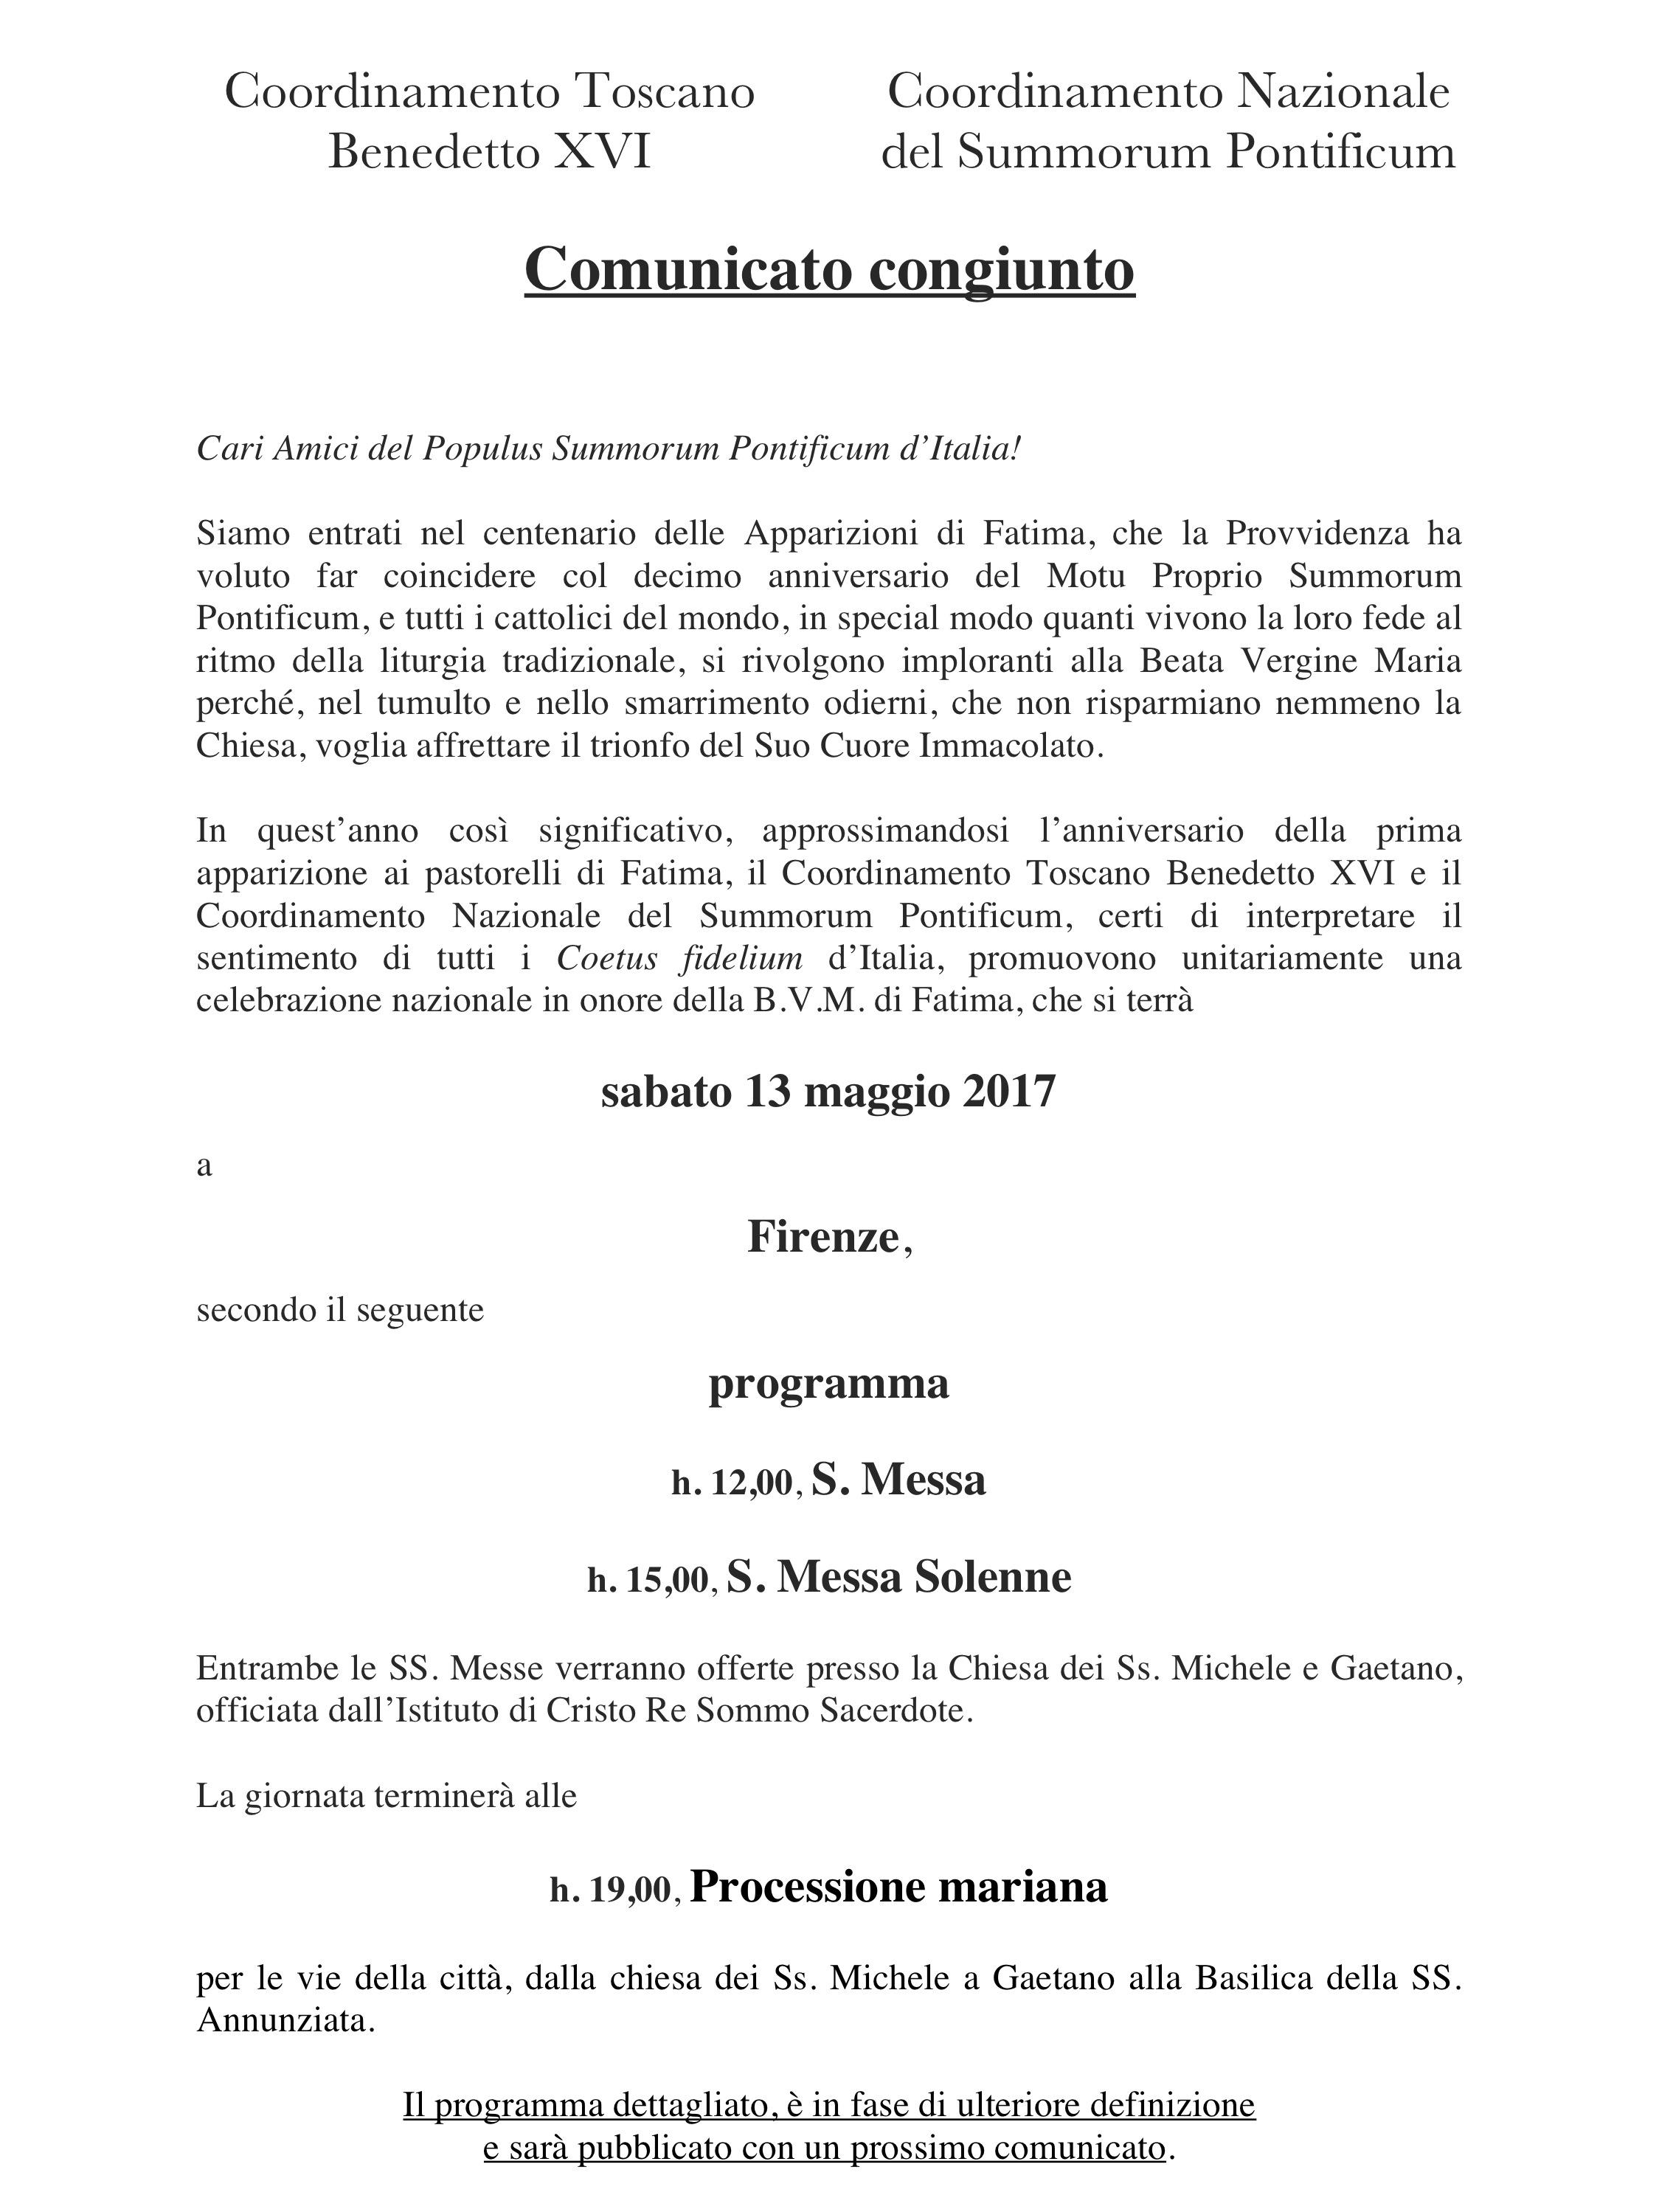 PresentazioneP1.3